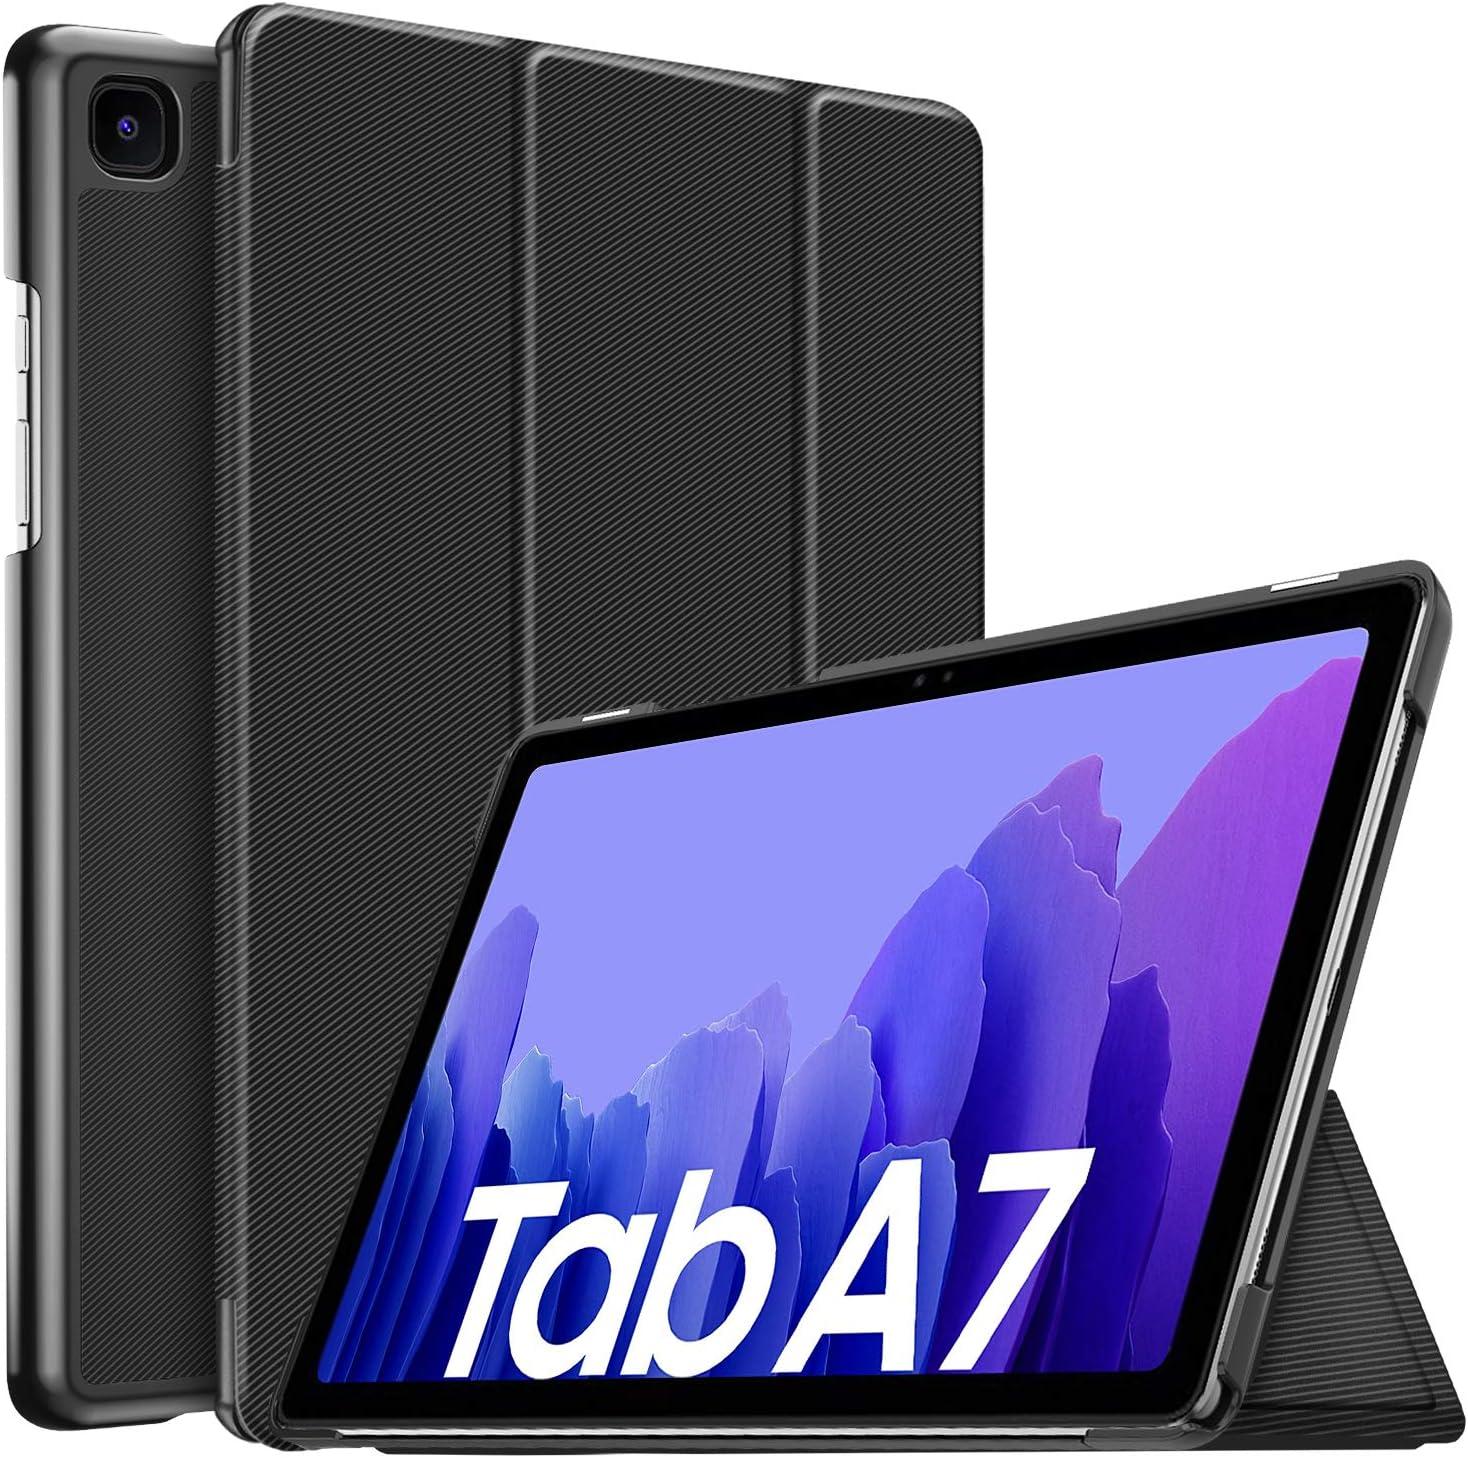 IVSO Funda para Samsung Galaxy Tab A7 10.4 2020, para Samsung Galaxy Tab A7 2020 Funda, Funda Case para Samsung Galaxy Tab A7 T505/T500/T507 10.4 2020, Negro